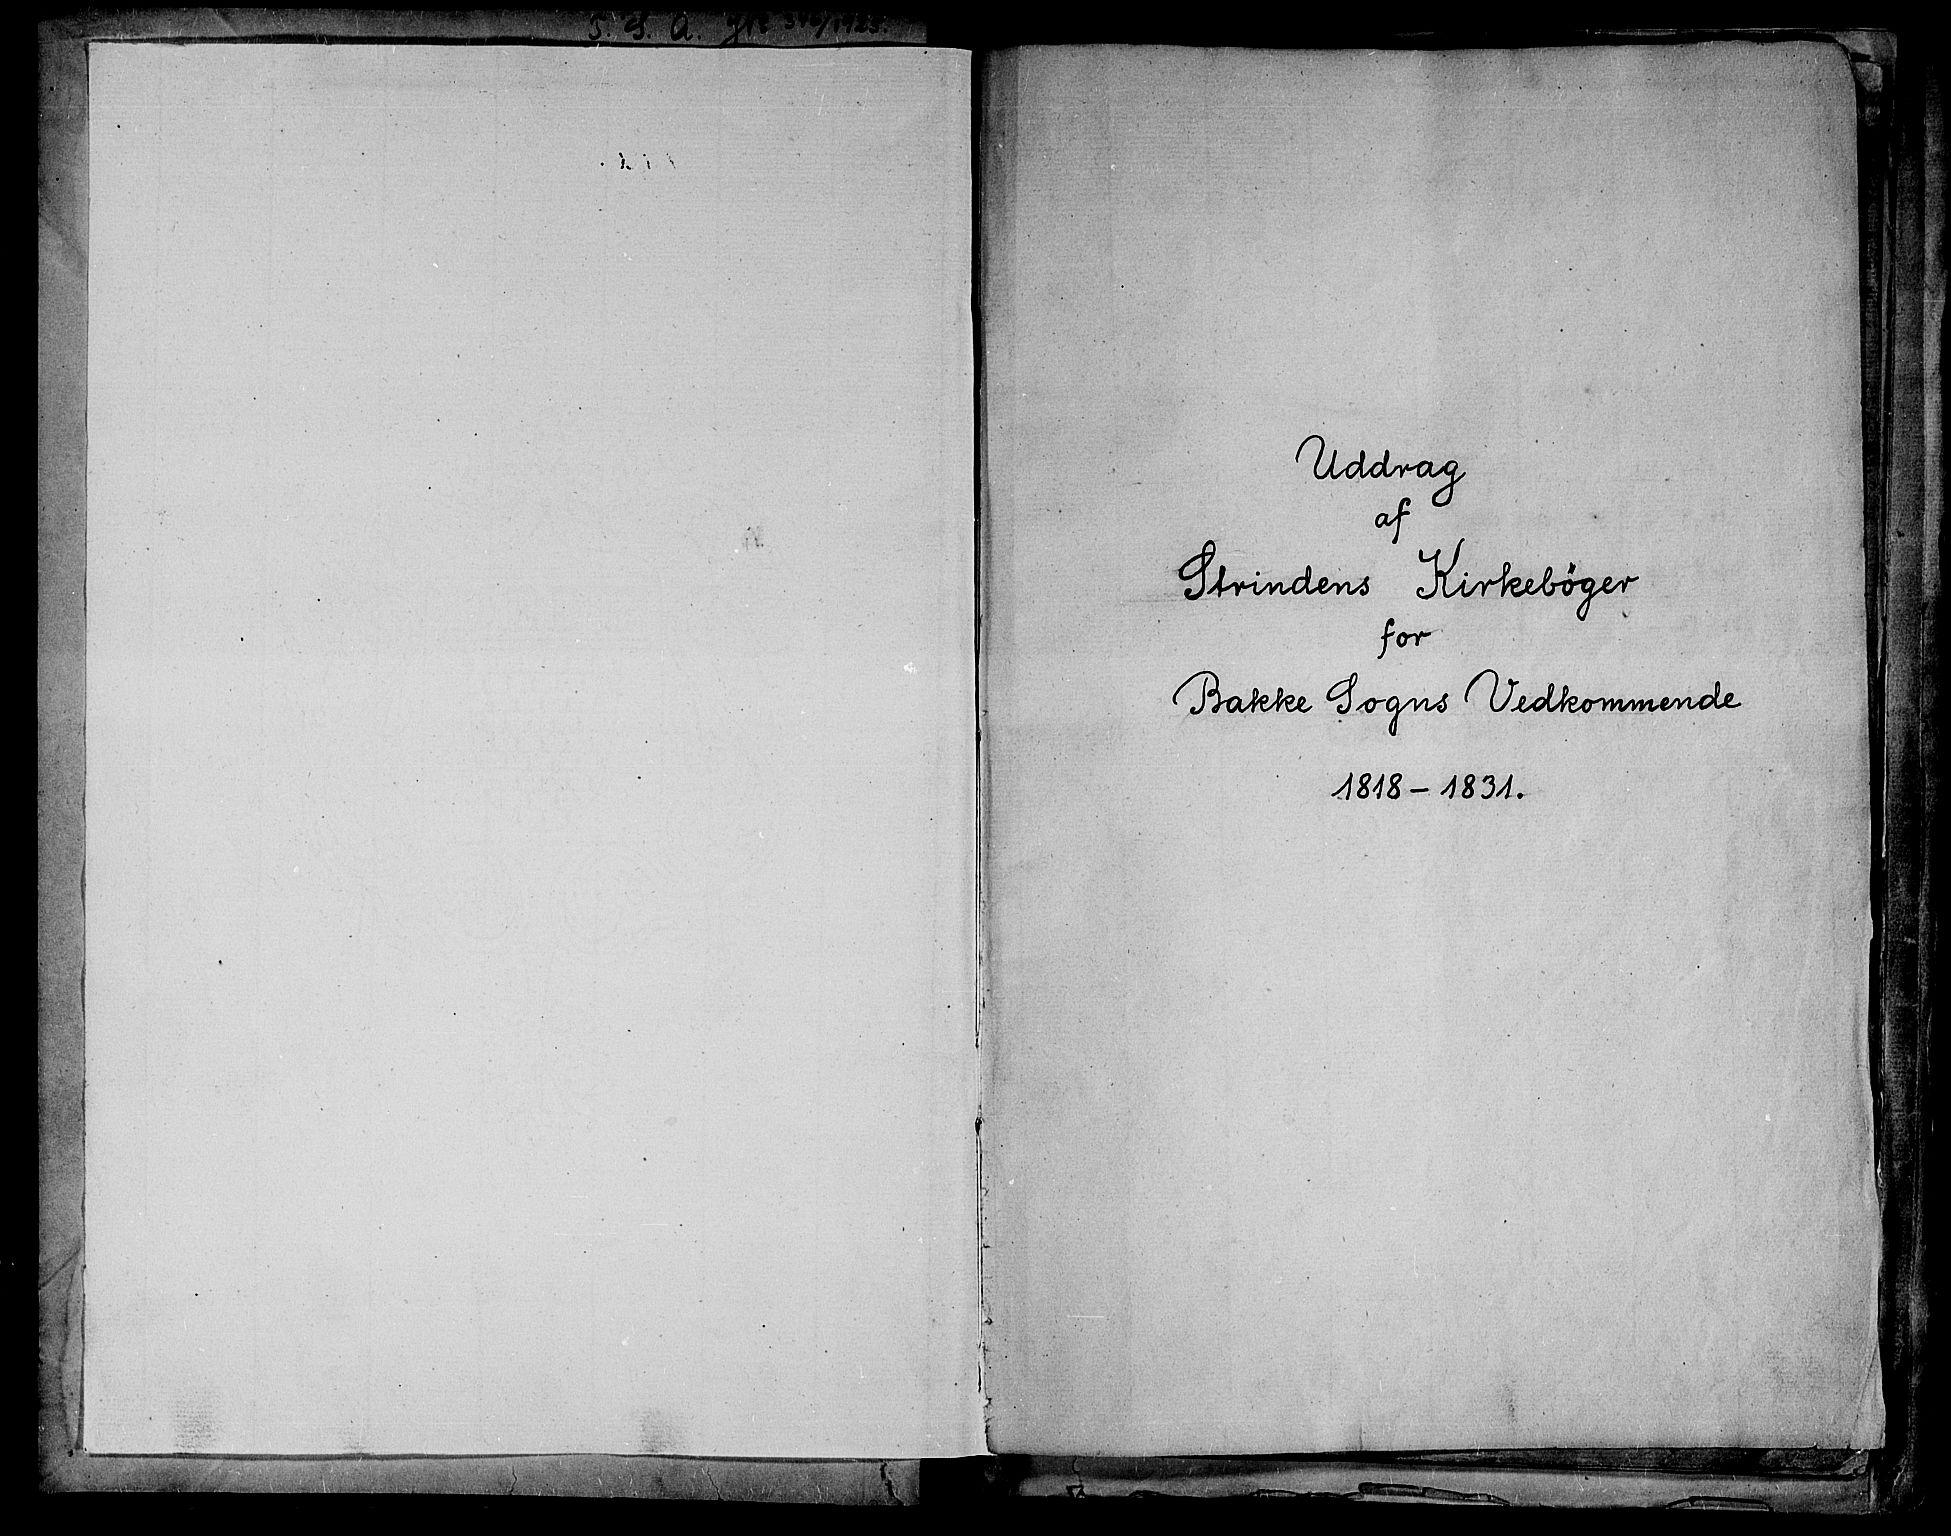 SAT, Ministerialprotokoller, klokkerbøker og fødselsregistre - Sør-Trøndelag, 604/L0182: Ministerialbok nr. 604A03, 1818-1850